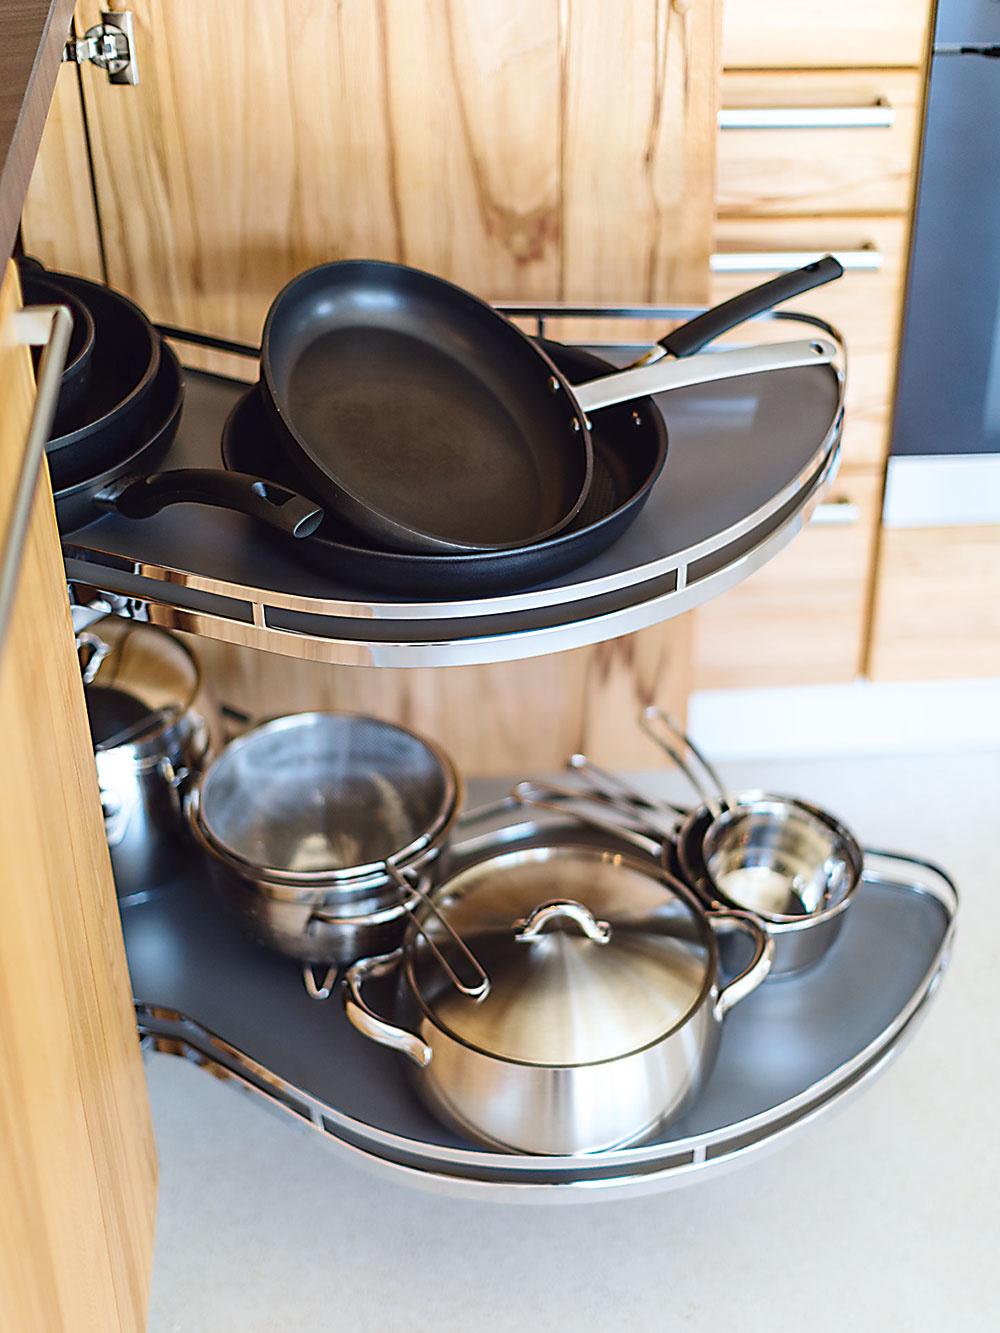 Osobitnú pozornosť venujte riešeniu rohov kuchynskej linky, ktoré sa častokrát nevyužijú naplno. Jednotliví výrobcovia ponúkajú rôzne spôsoby, ako priestor maximálne zužitkovať. K najefektívnejším patrí tzv. magic corner alebo rôzne otočné karusely.